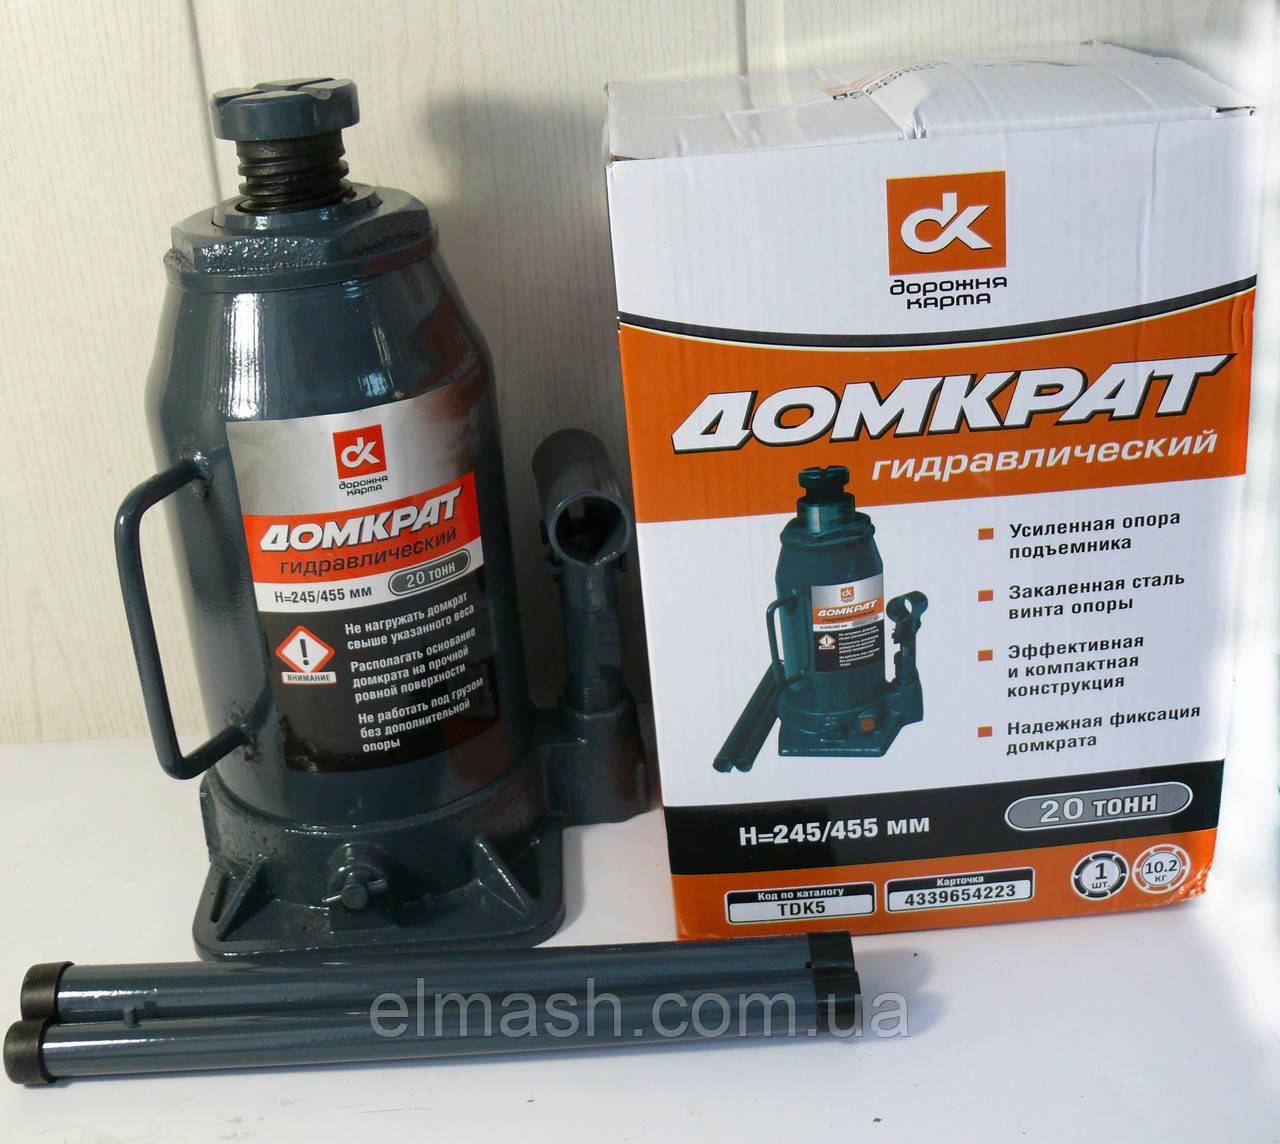 Домкрат гидравлический 20т, серый H 245/455 <ДК>